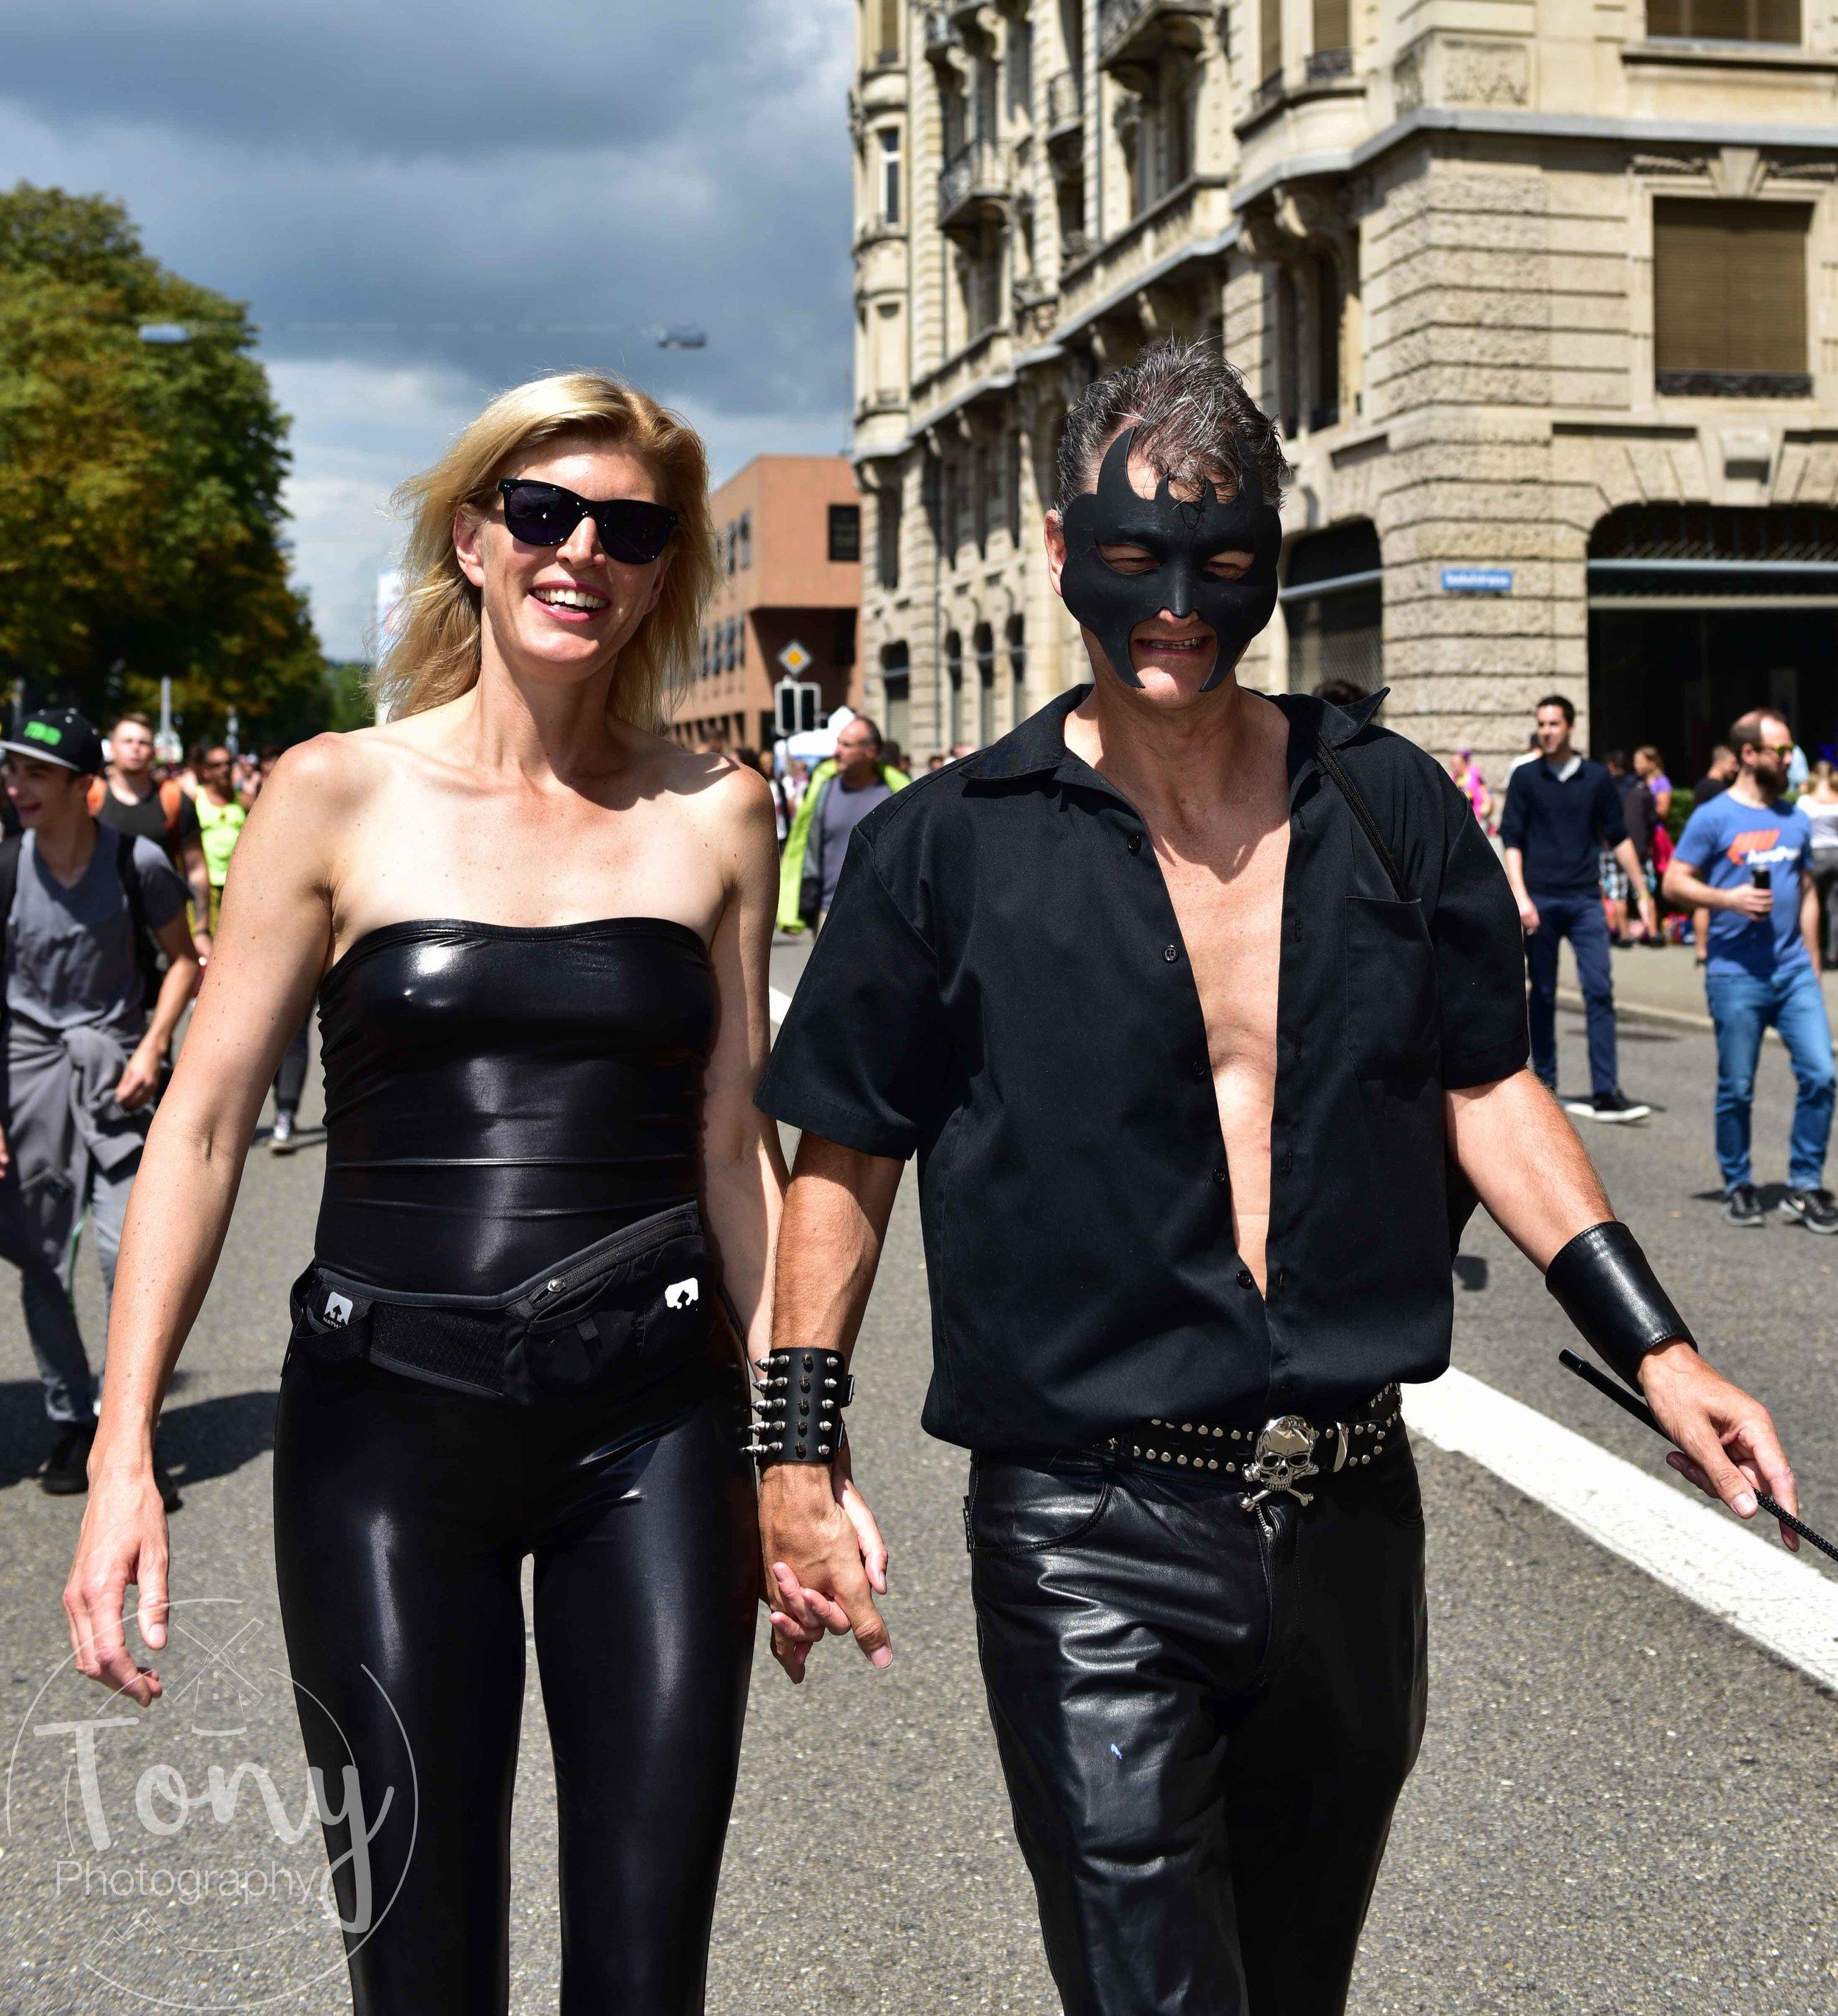 streetparade-36.jpg